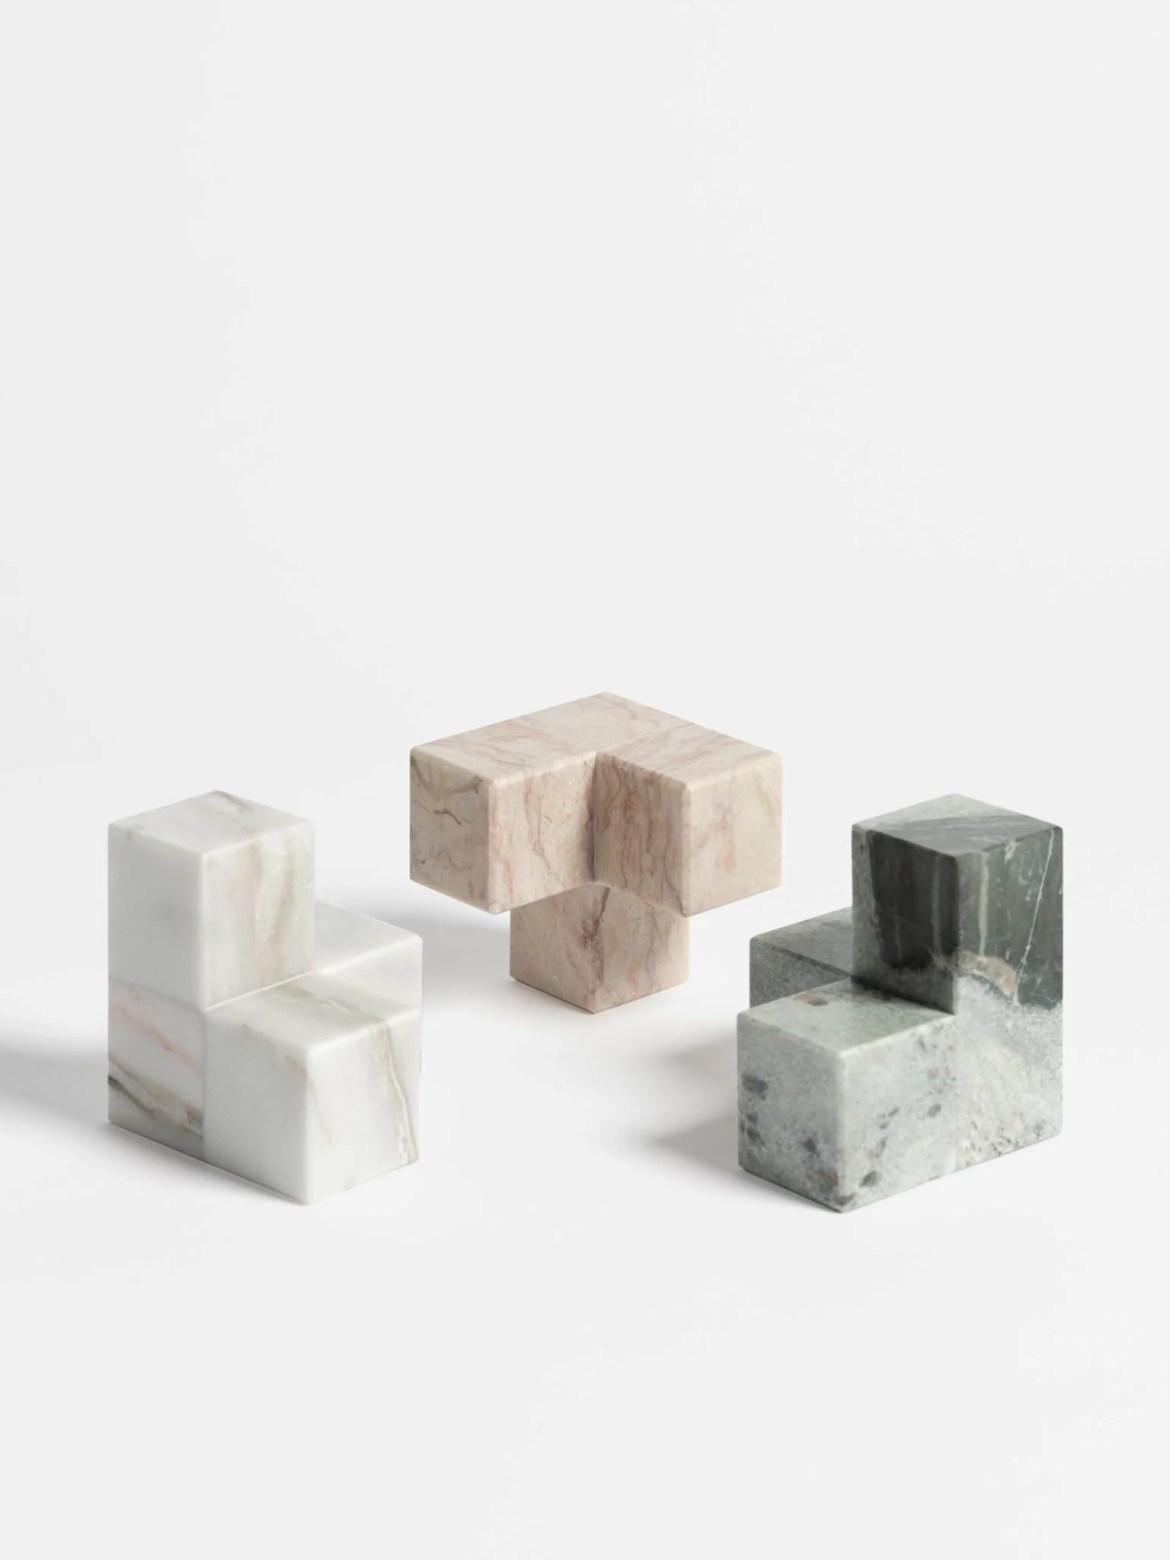 Maison et Objet 2020, Techxture, marble book ends